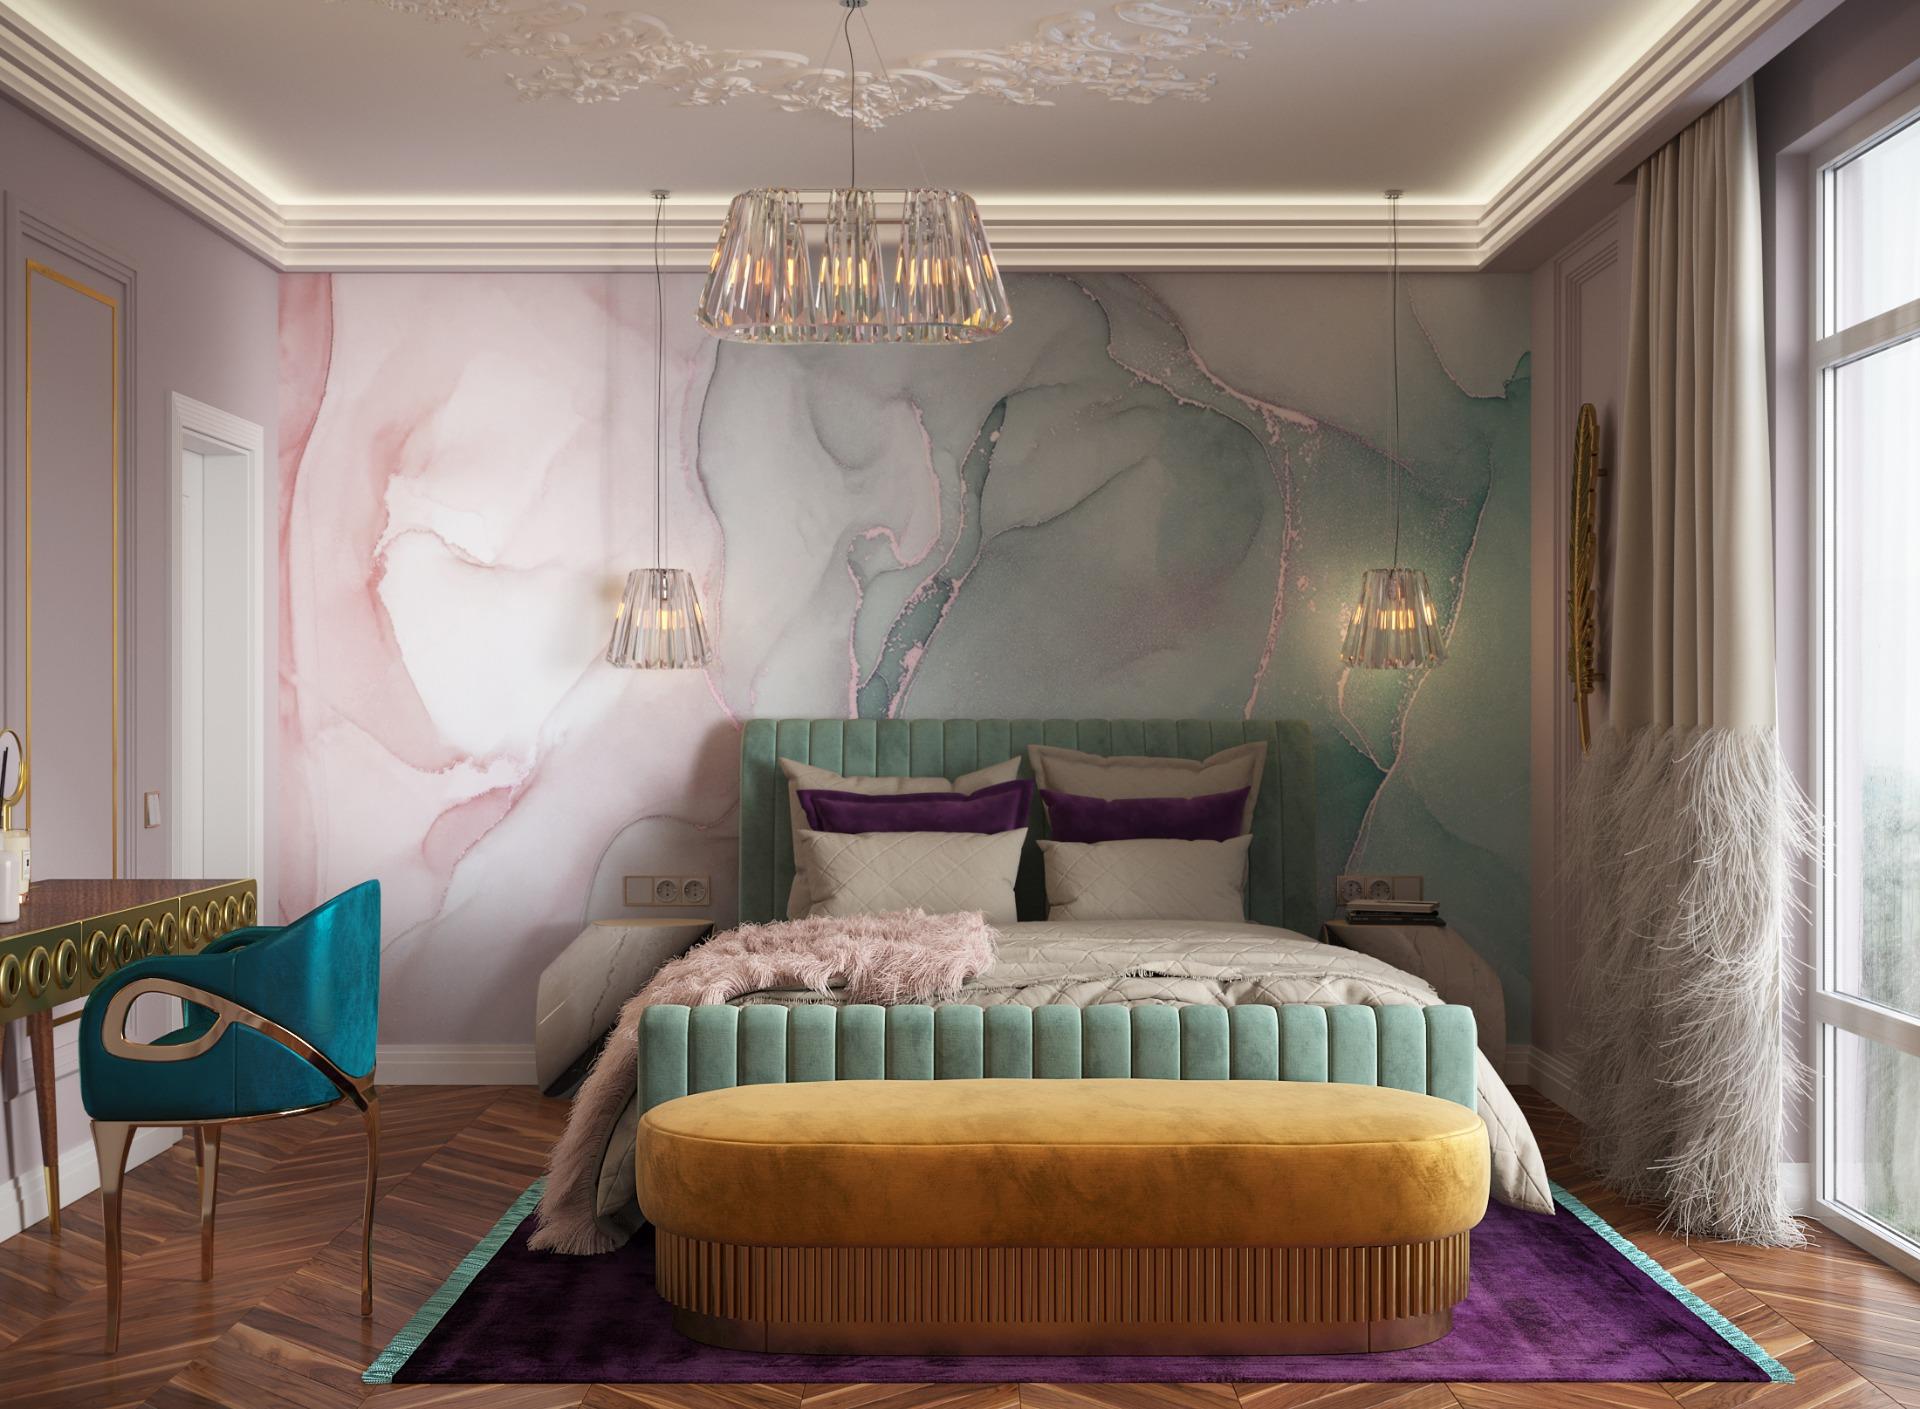 Bedroom-ddr-design-essential-home